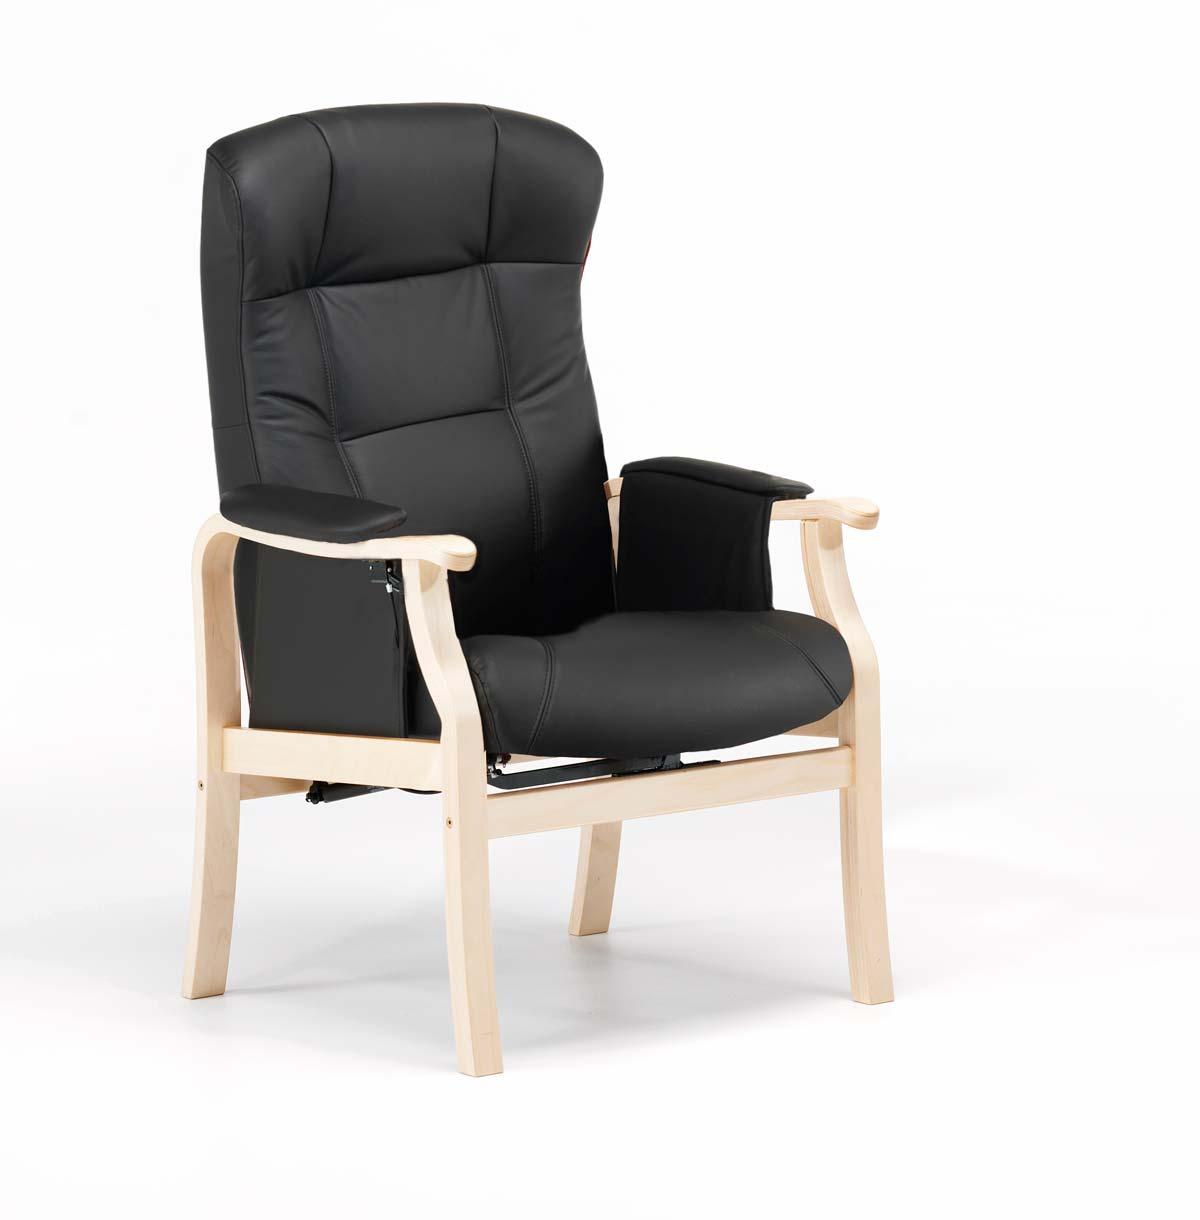 nordic-c Nordic-c sorø standard seniorstol, eksl. skammel - læder fra boboonline.dk